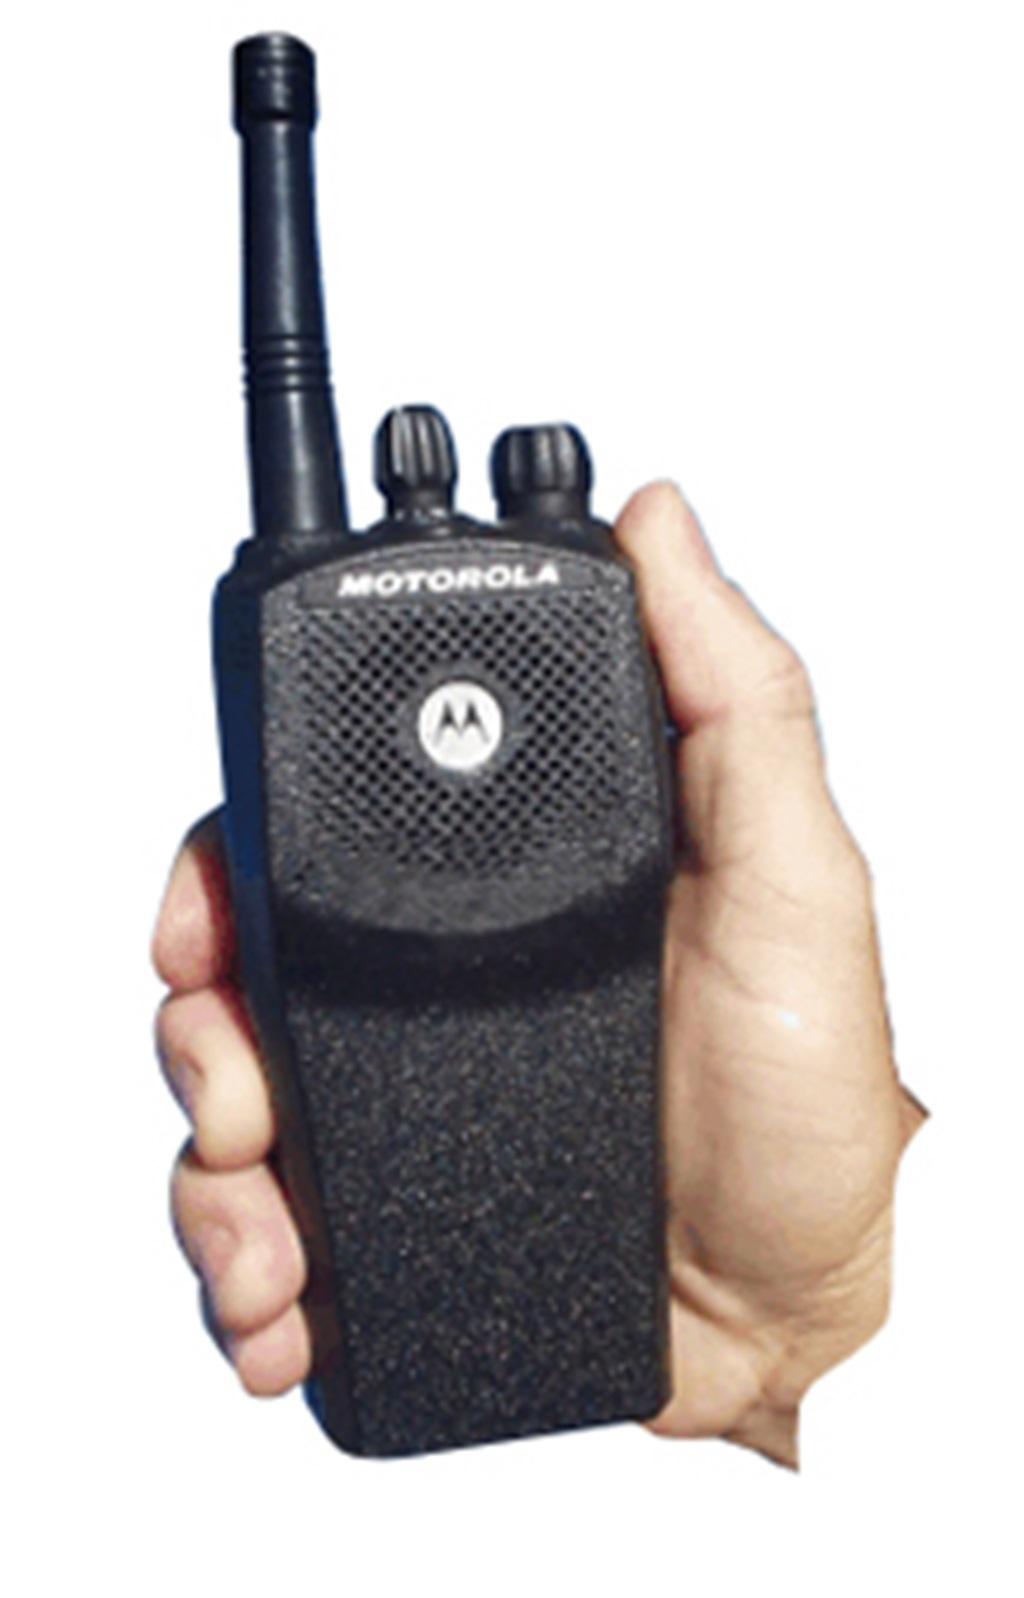 FONE COM PTT DE LAPELA E VOX PARA HT MOTOROLA EP450